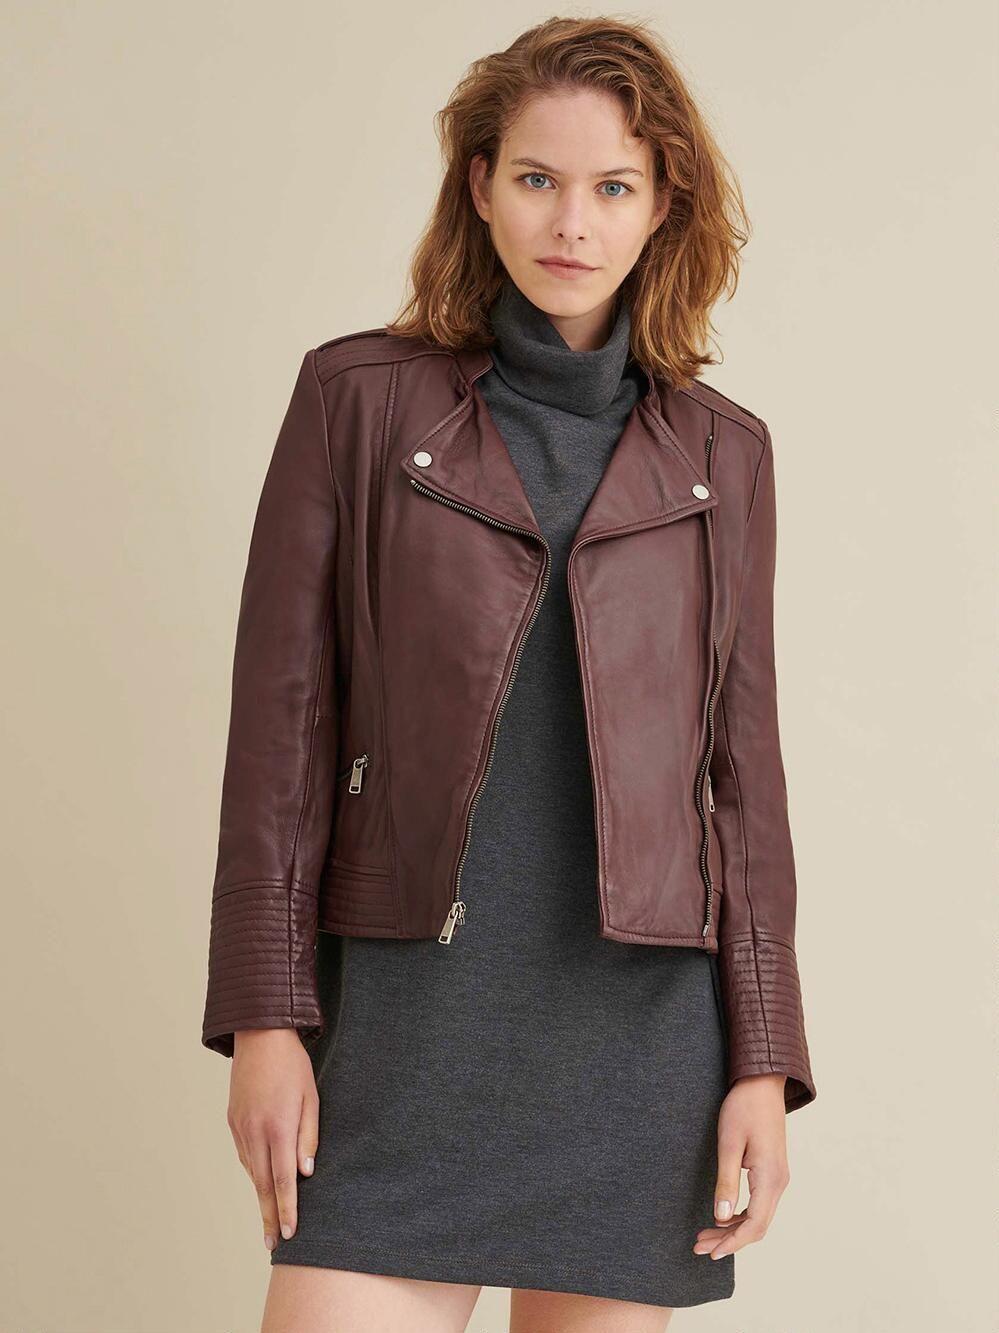 Monica Asymmetrical Leather Jacket [ 1333 x 999 Pixel ]